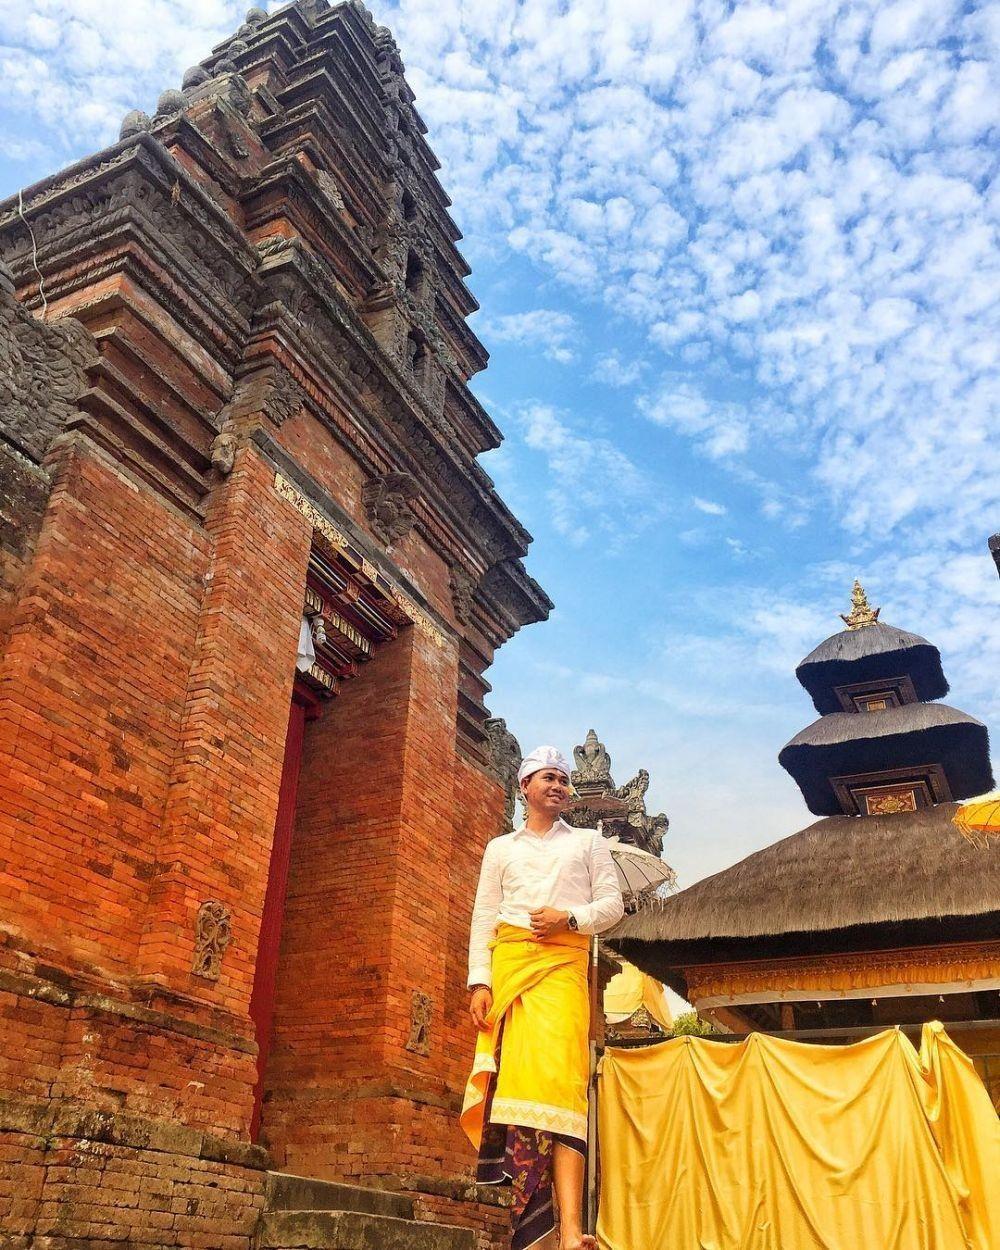 9 Desa Unik di Bali yang Bikin Dunia Terpukau, Keren Abis!